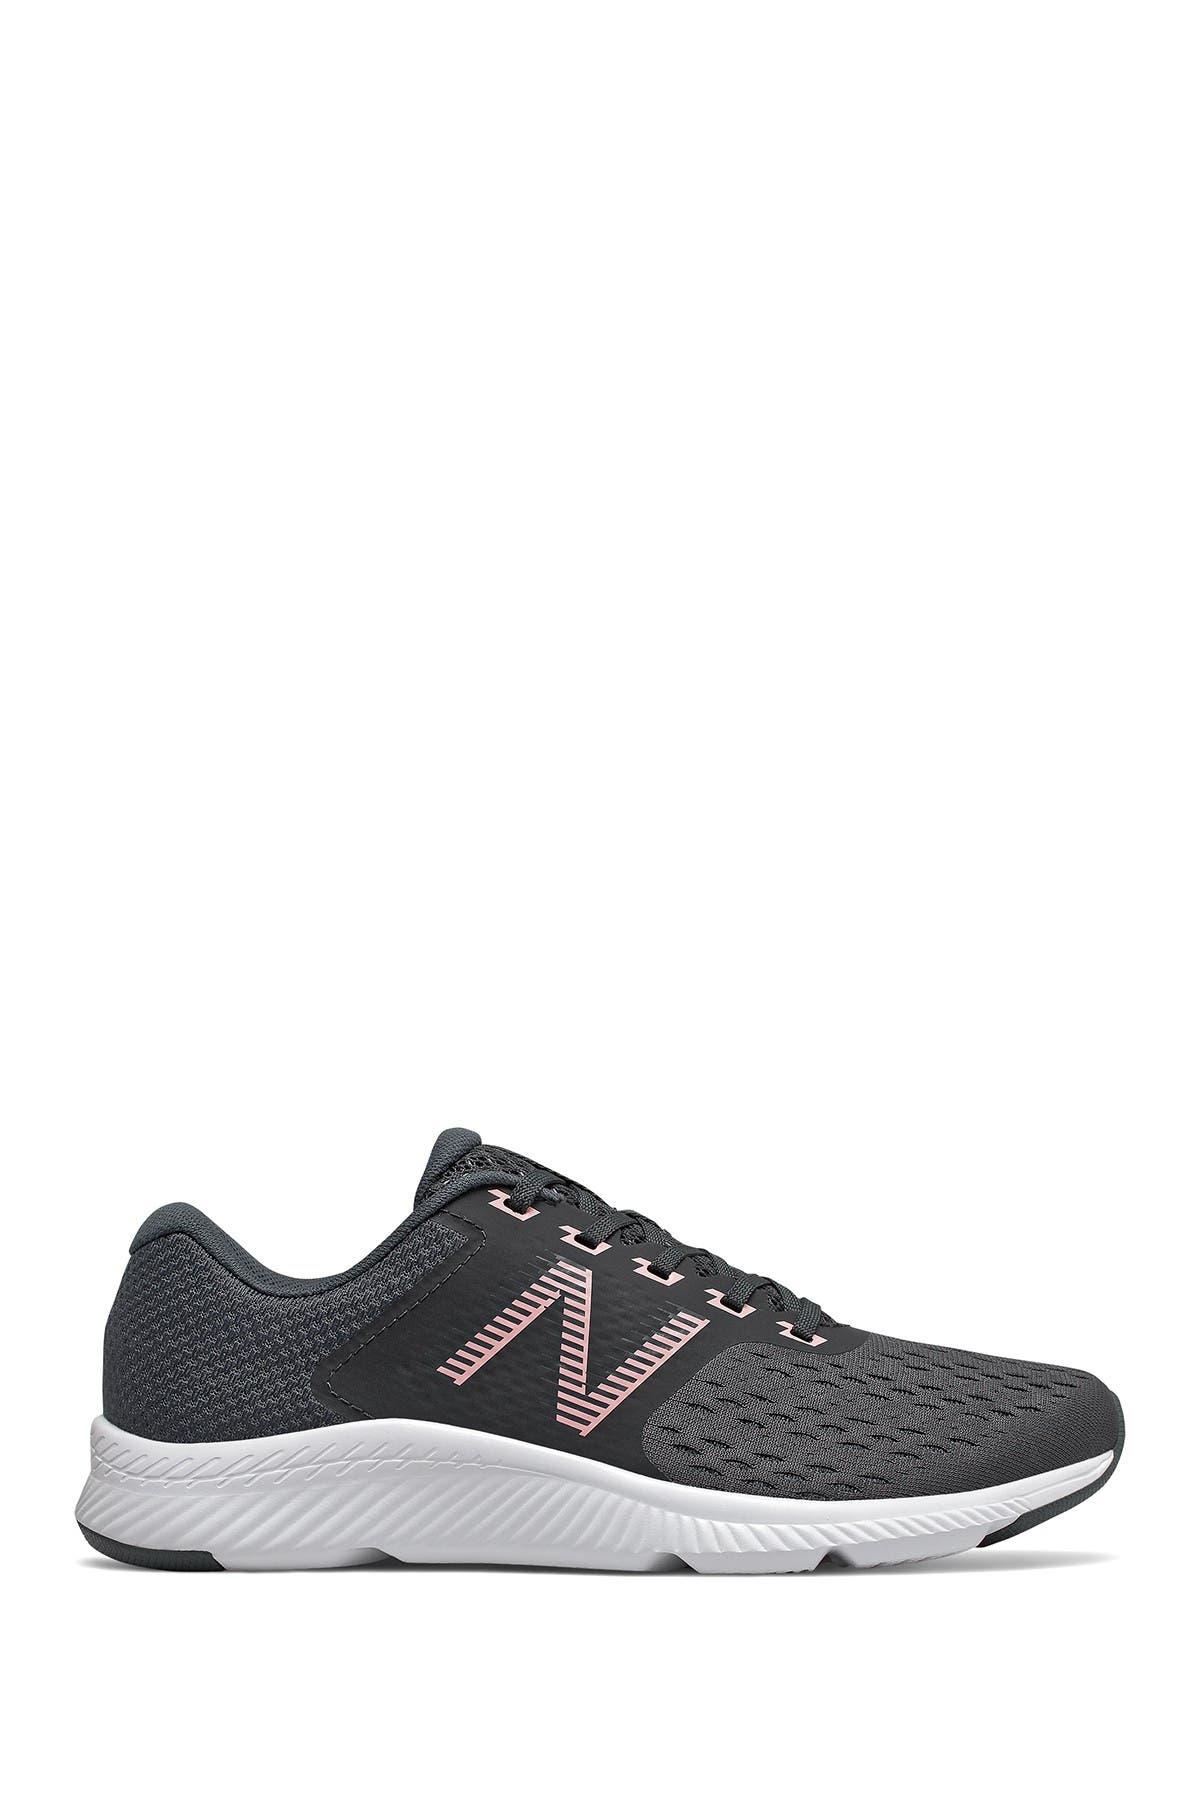 Image of New Balance DRFT Mesh Sneaker